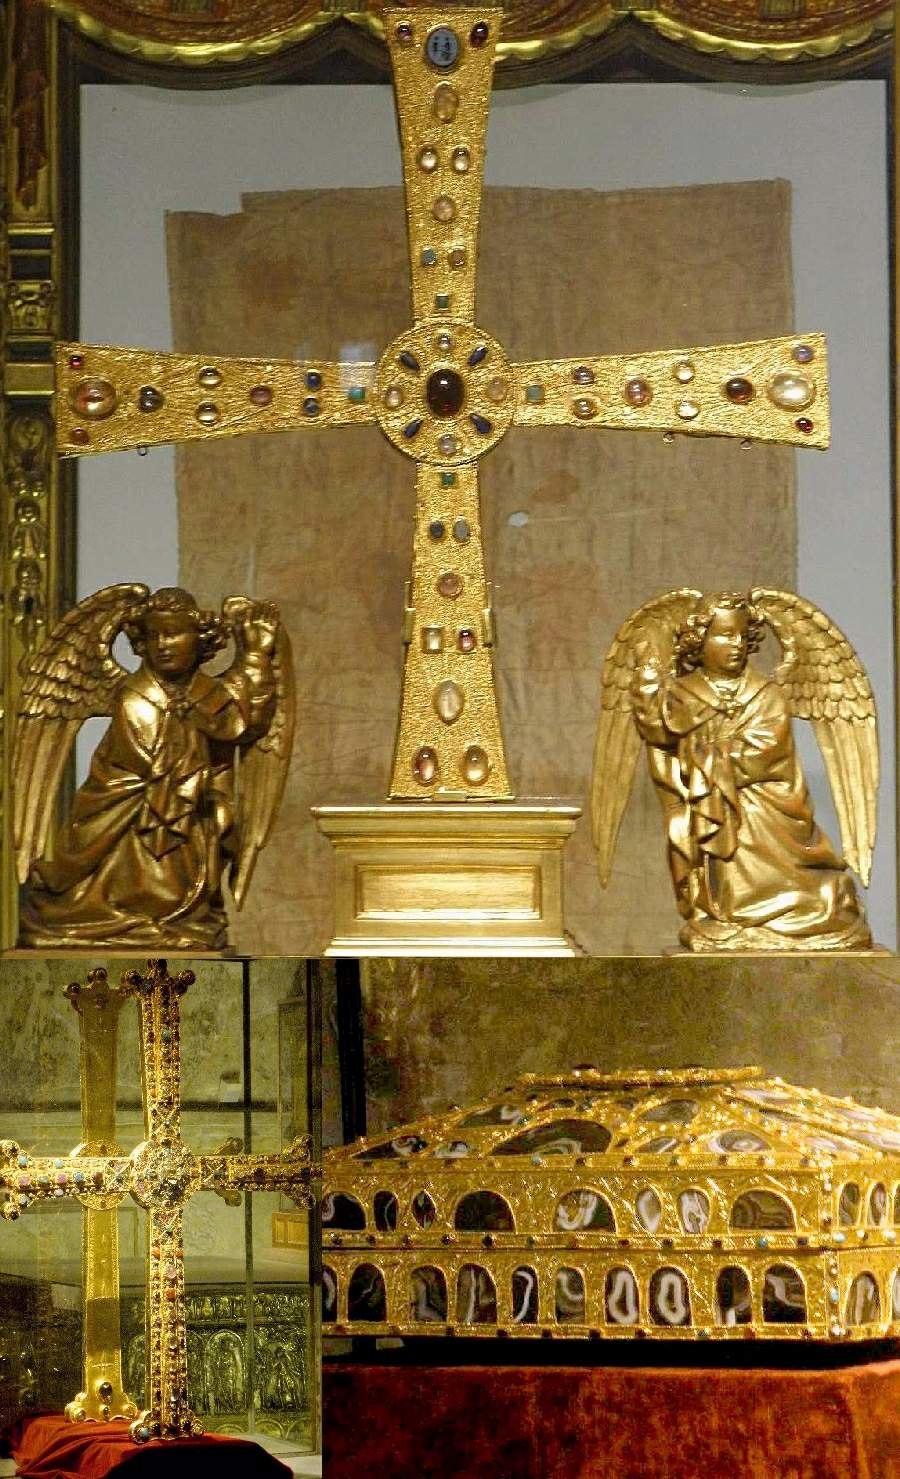 Tesouro da Cámara Santa da Catedral: Cruz dos Anxos, Cruz da Victoria e Caixa das Ágatas